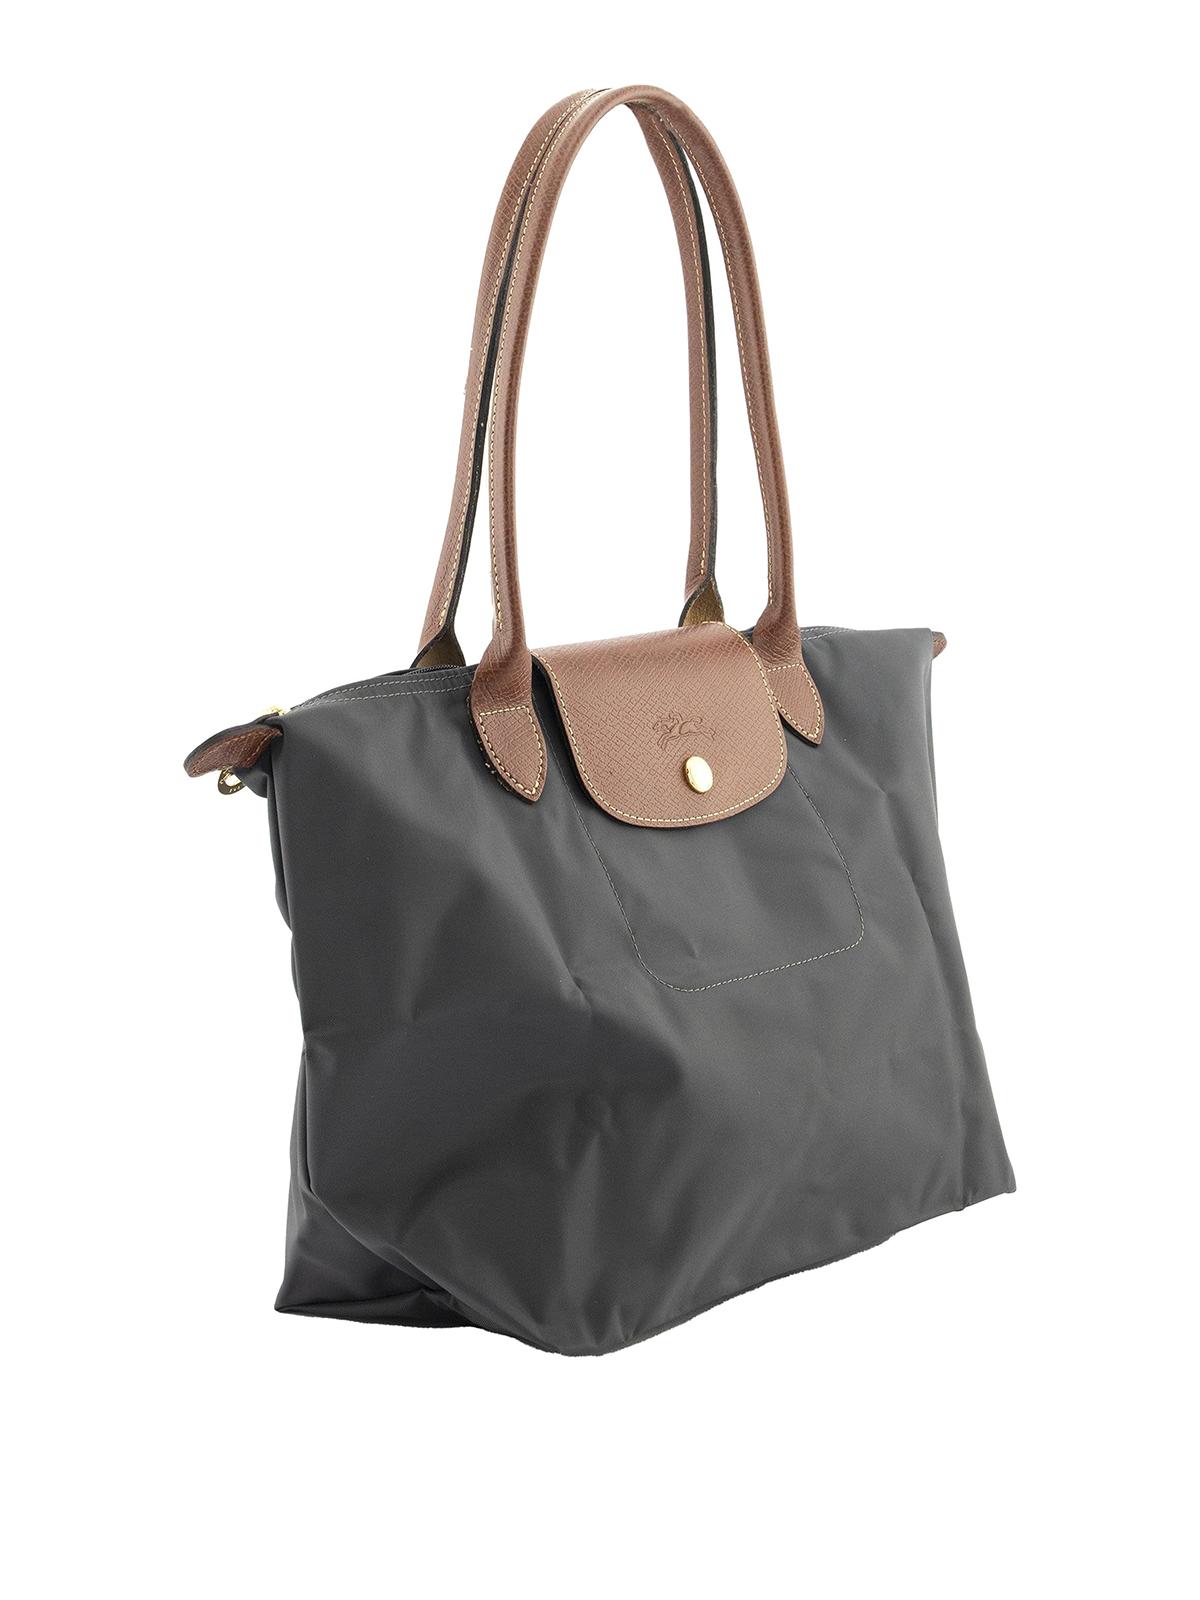 Longchamp - Sac Cabas - Le Pliage S - Sacs à main - 2605089300